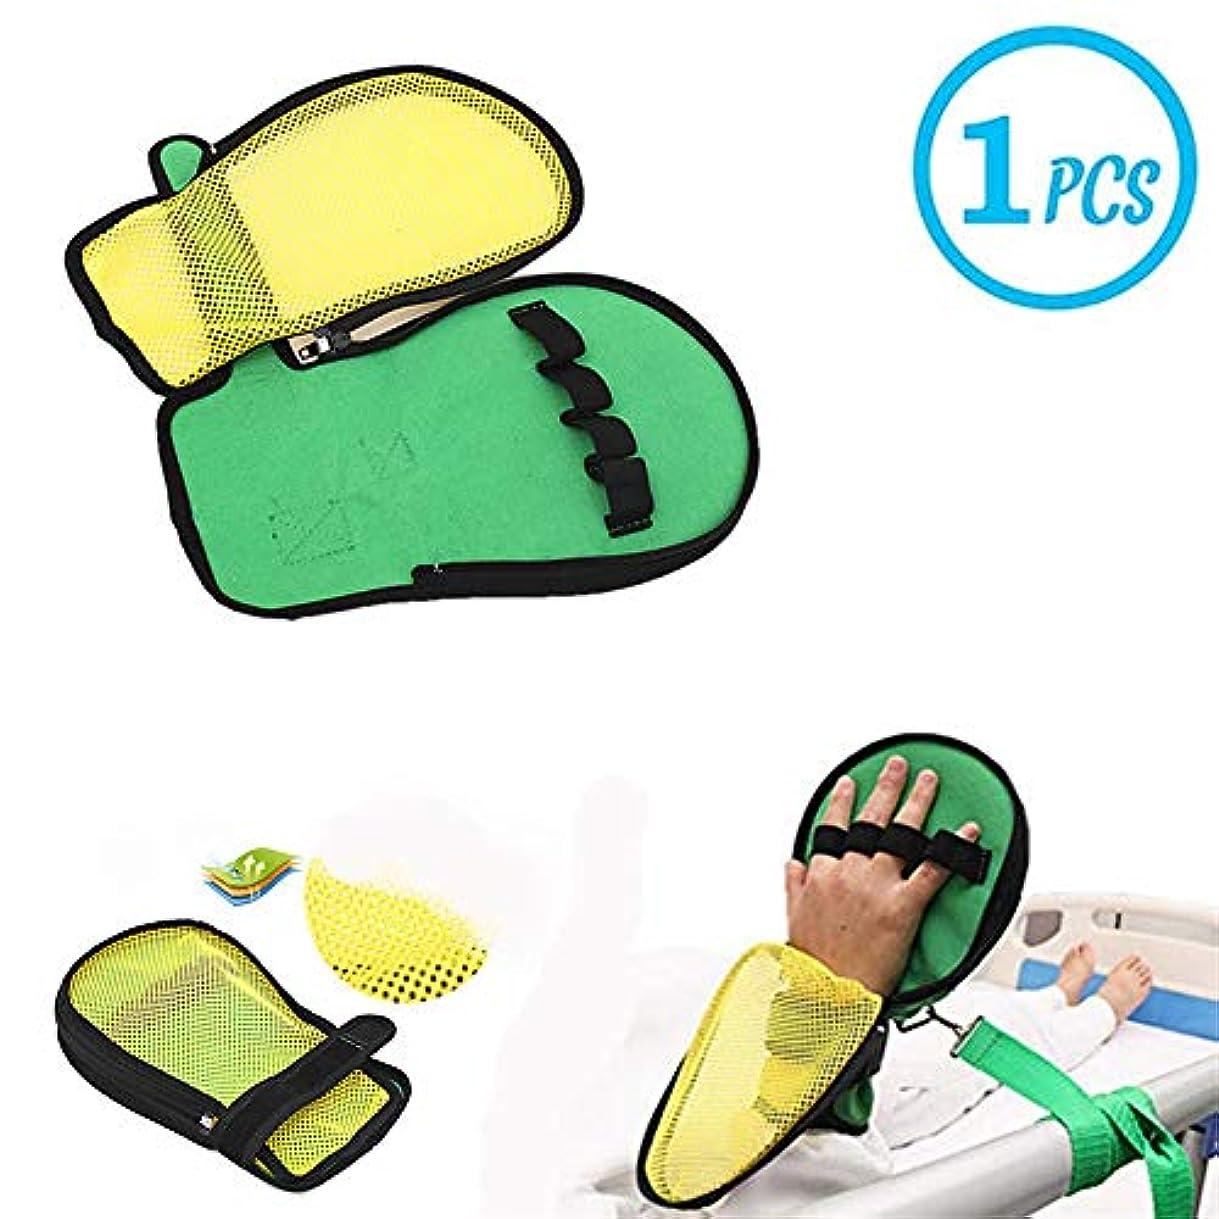 統治するペフ形式指の損傷、ユニバーサルサイズ、片面イエローグリーンサイドを防ぐために、フィンガーコントロール手袋、ハンドパッド